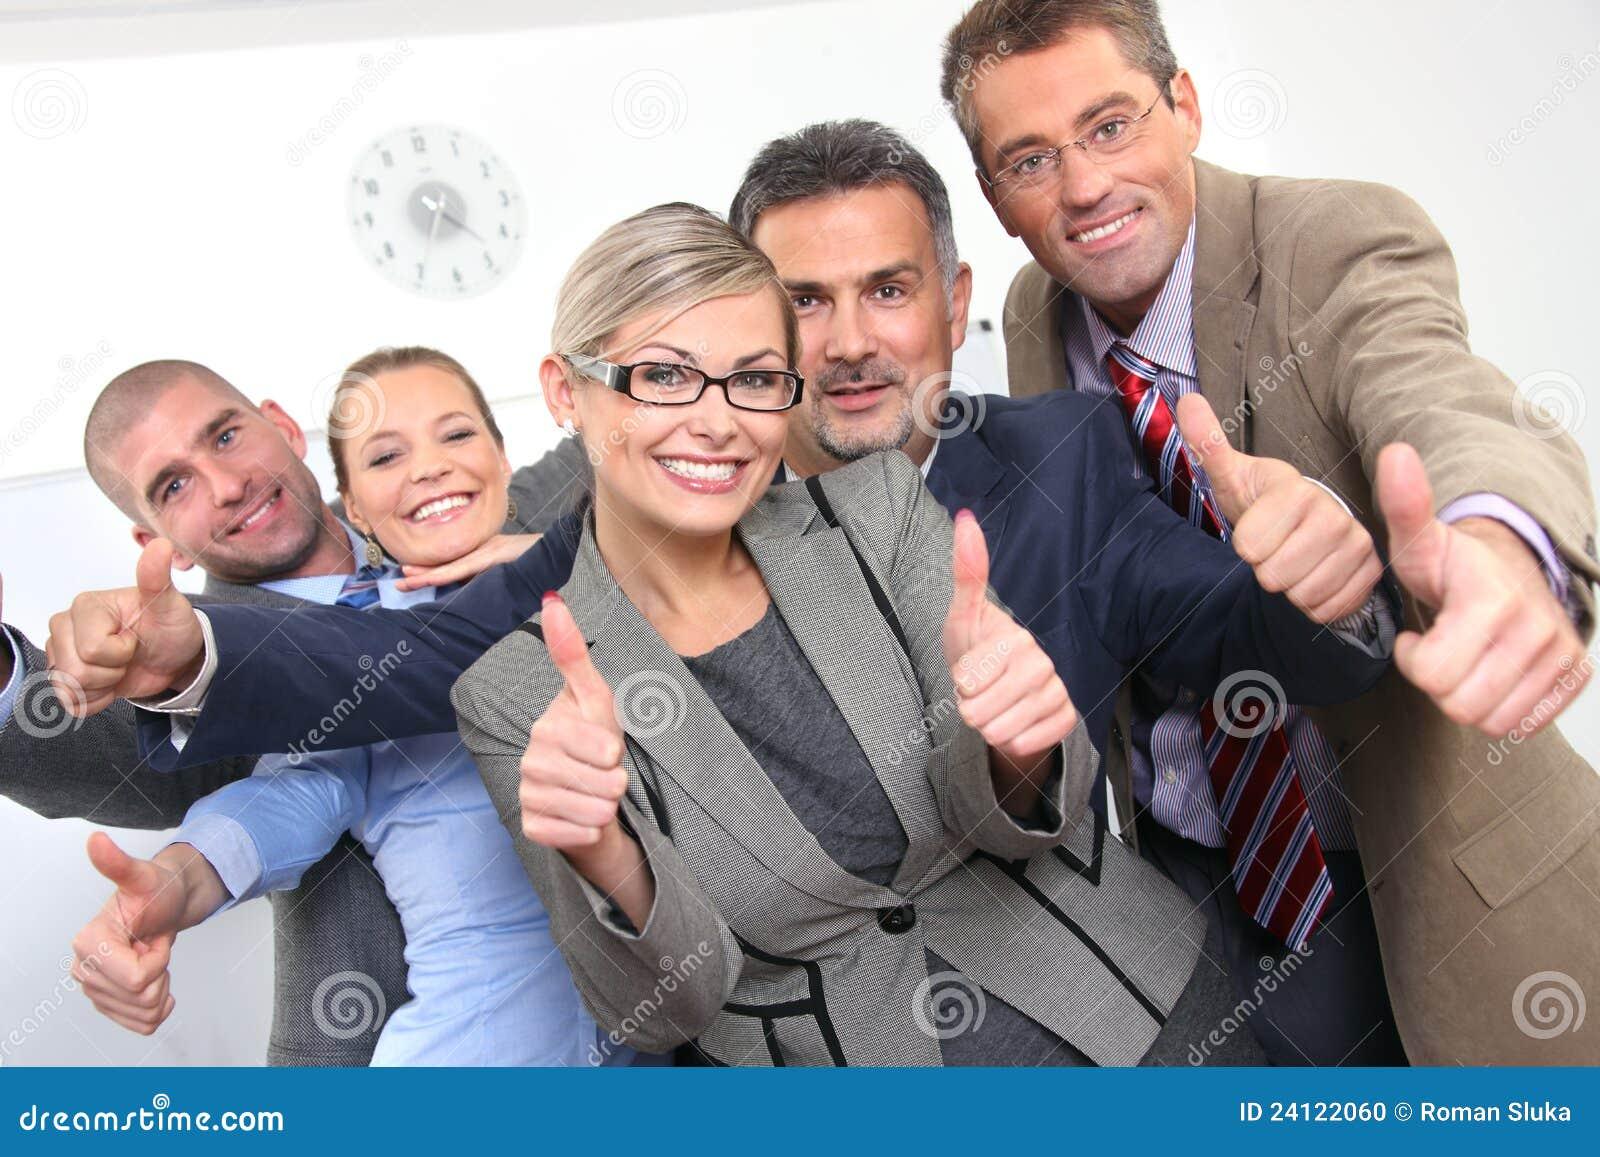 Aprovaçã0 do negócio - colegas novos